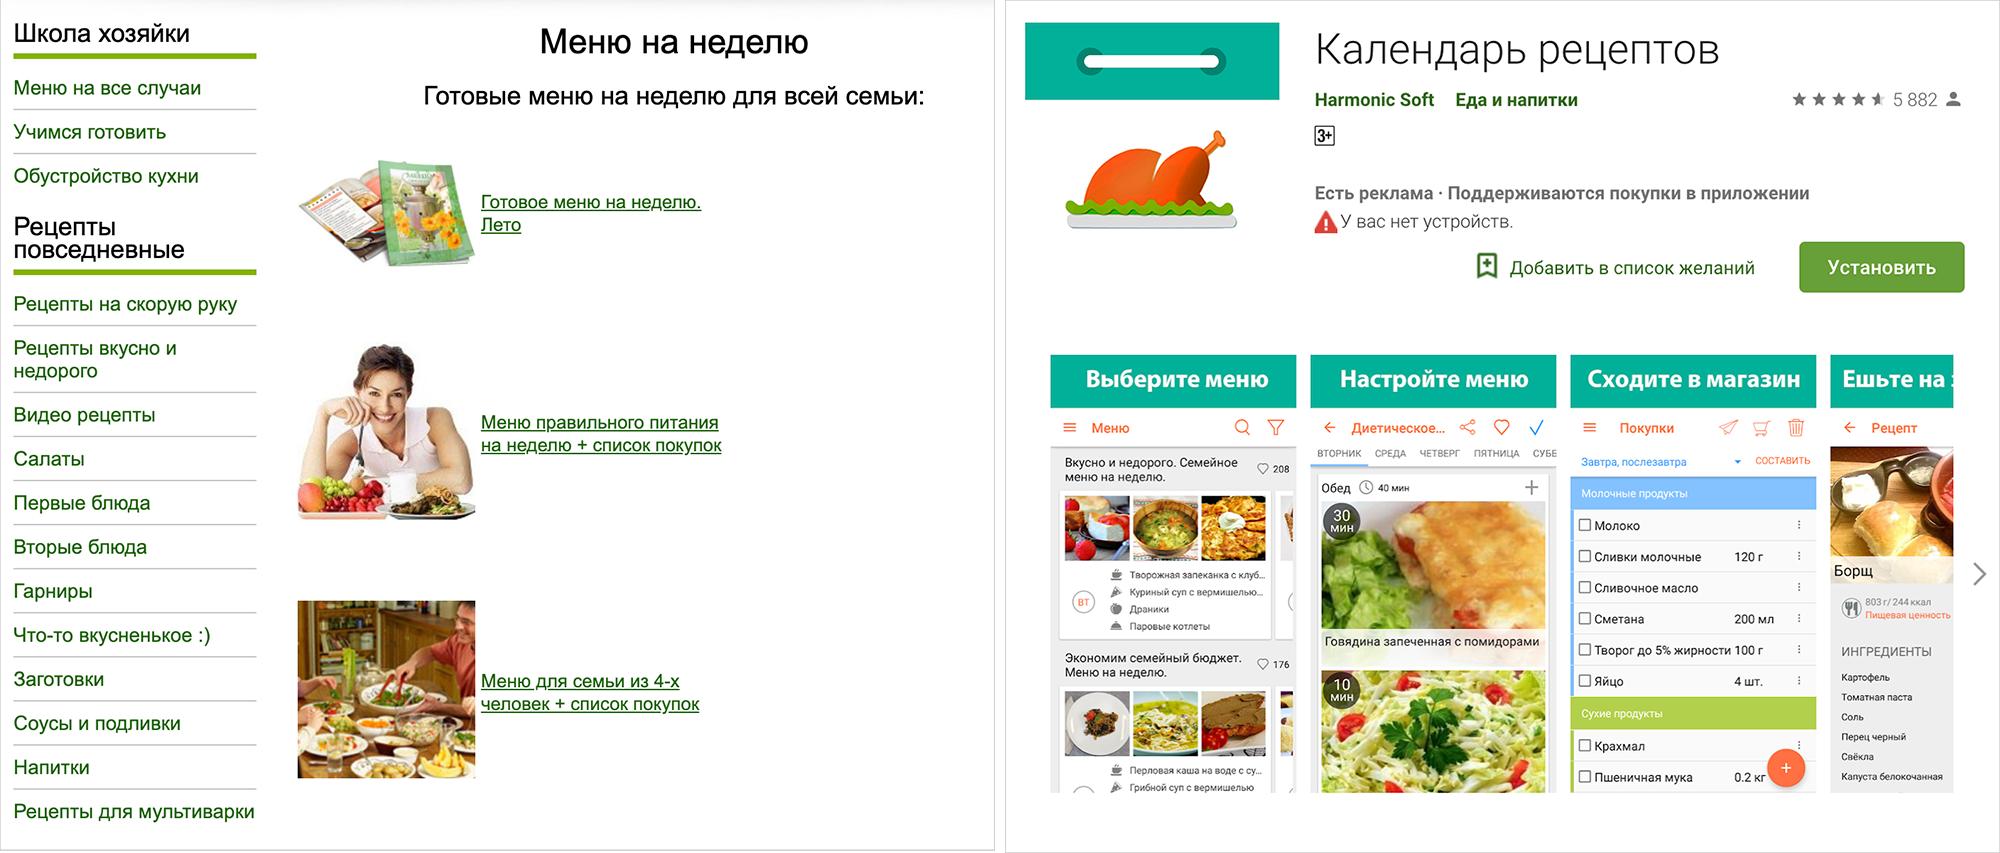 Готовые меню и рецепты есть на сайте «Меню недели» и в приложении «Календарь рецептов» дляАндроид или Ай-ос